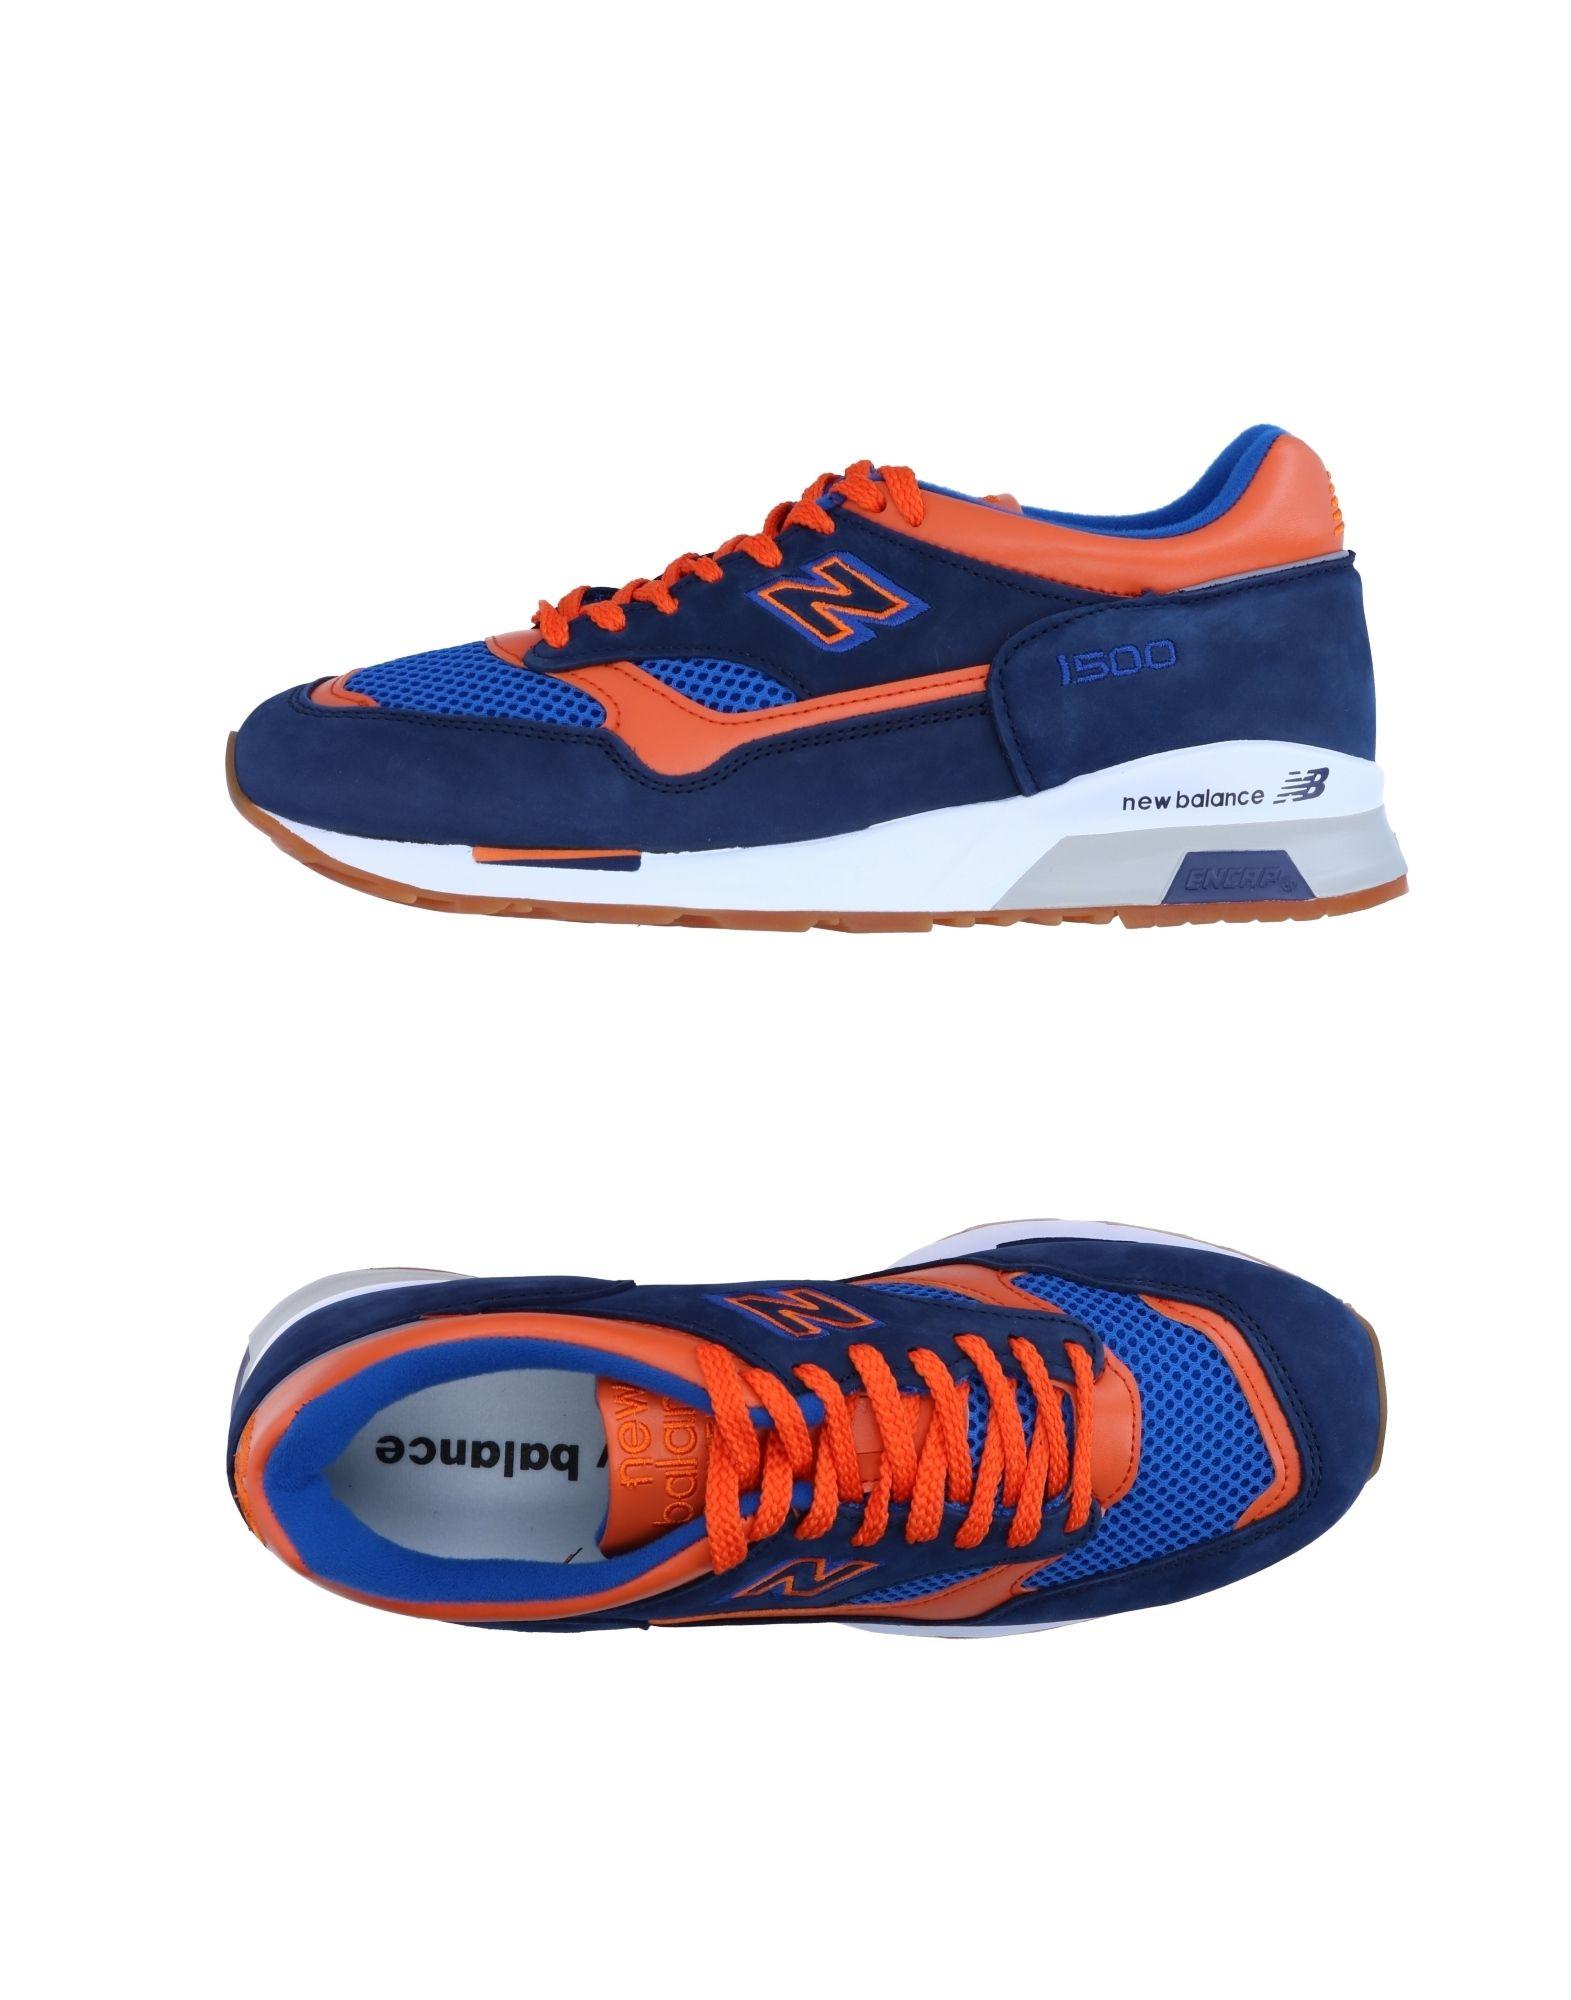 Rabatt echte Sneakers Schuhe New Balance Sneakers echte Herren  11262070BG fe916b